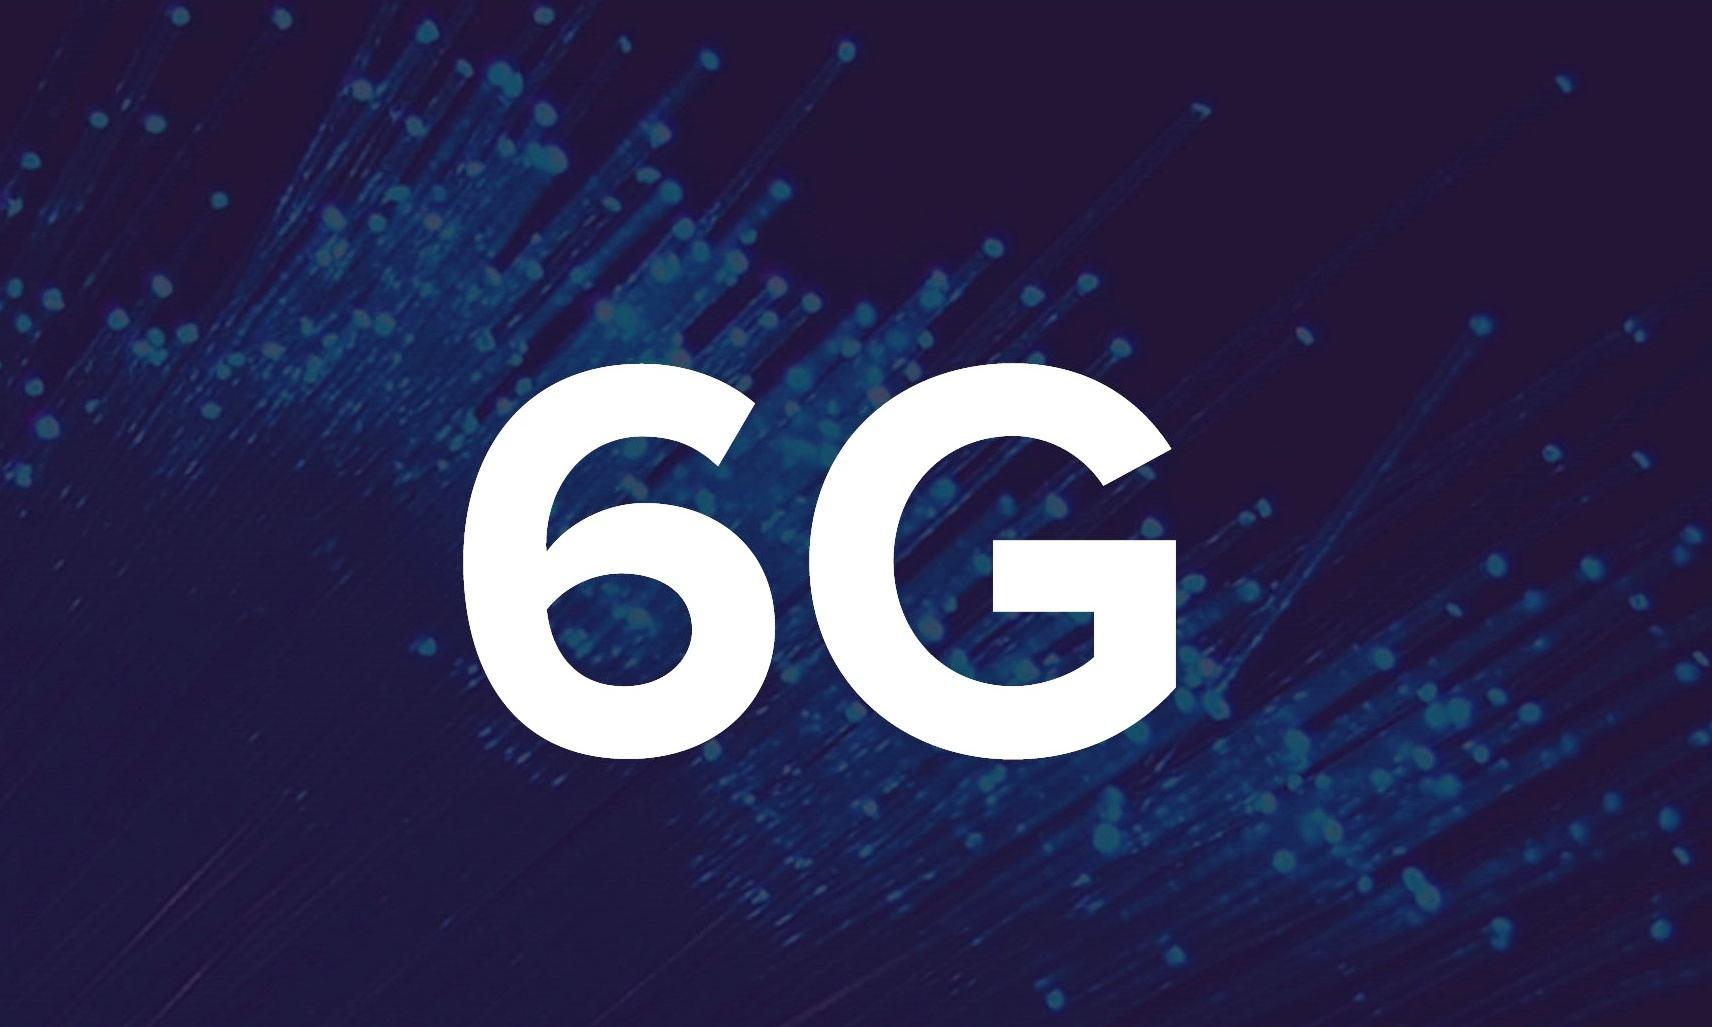 6G以及开始发展了吗?6G将是一种怎样的网络呢?